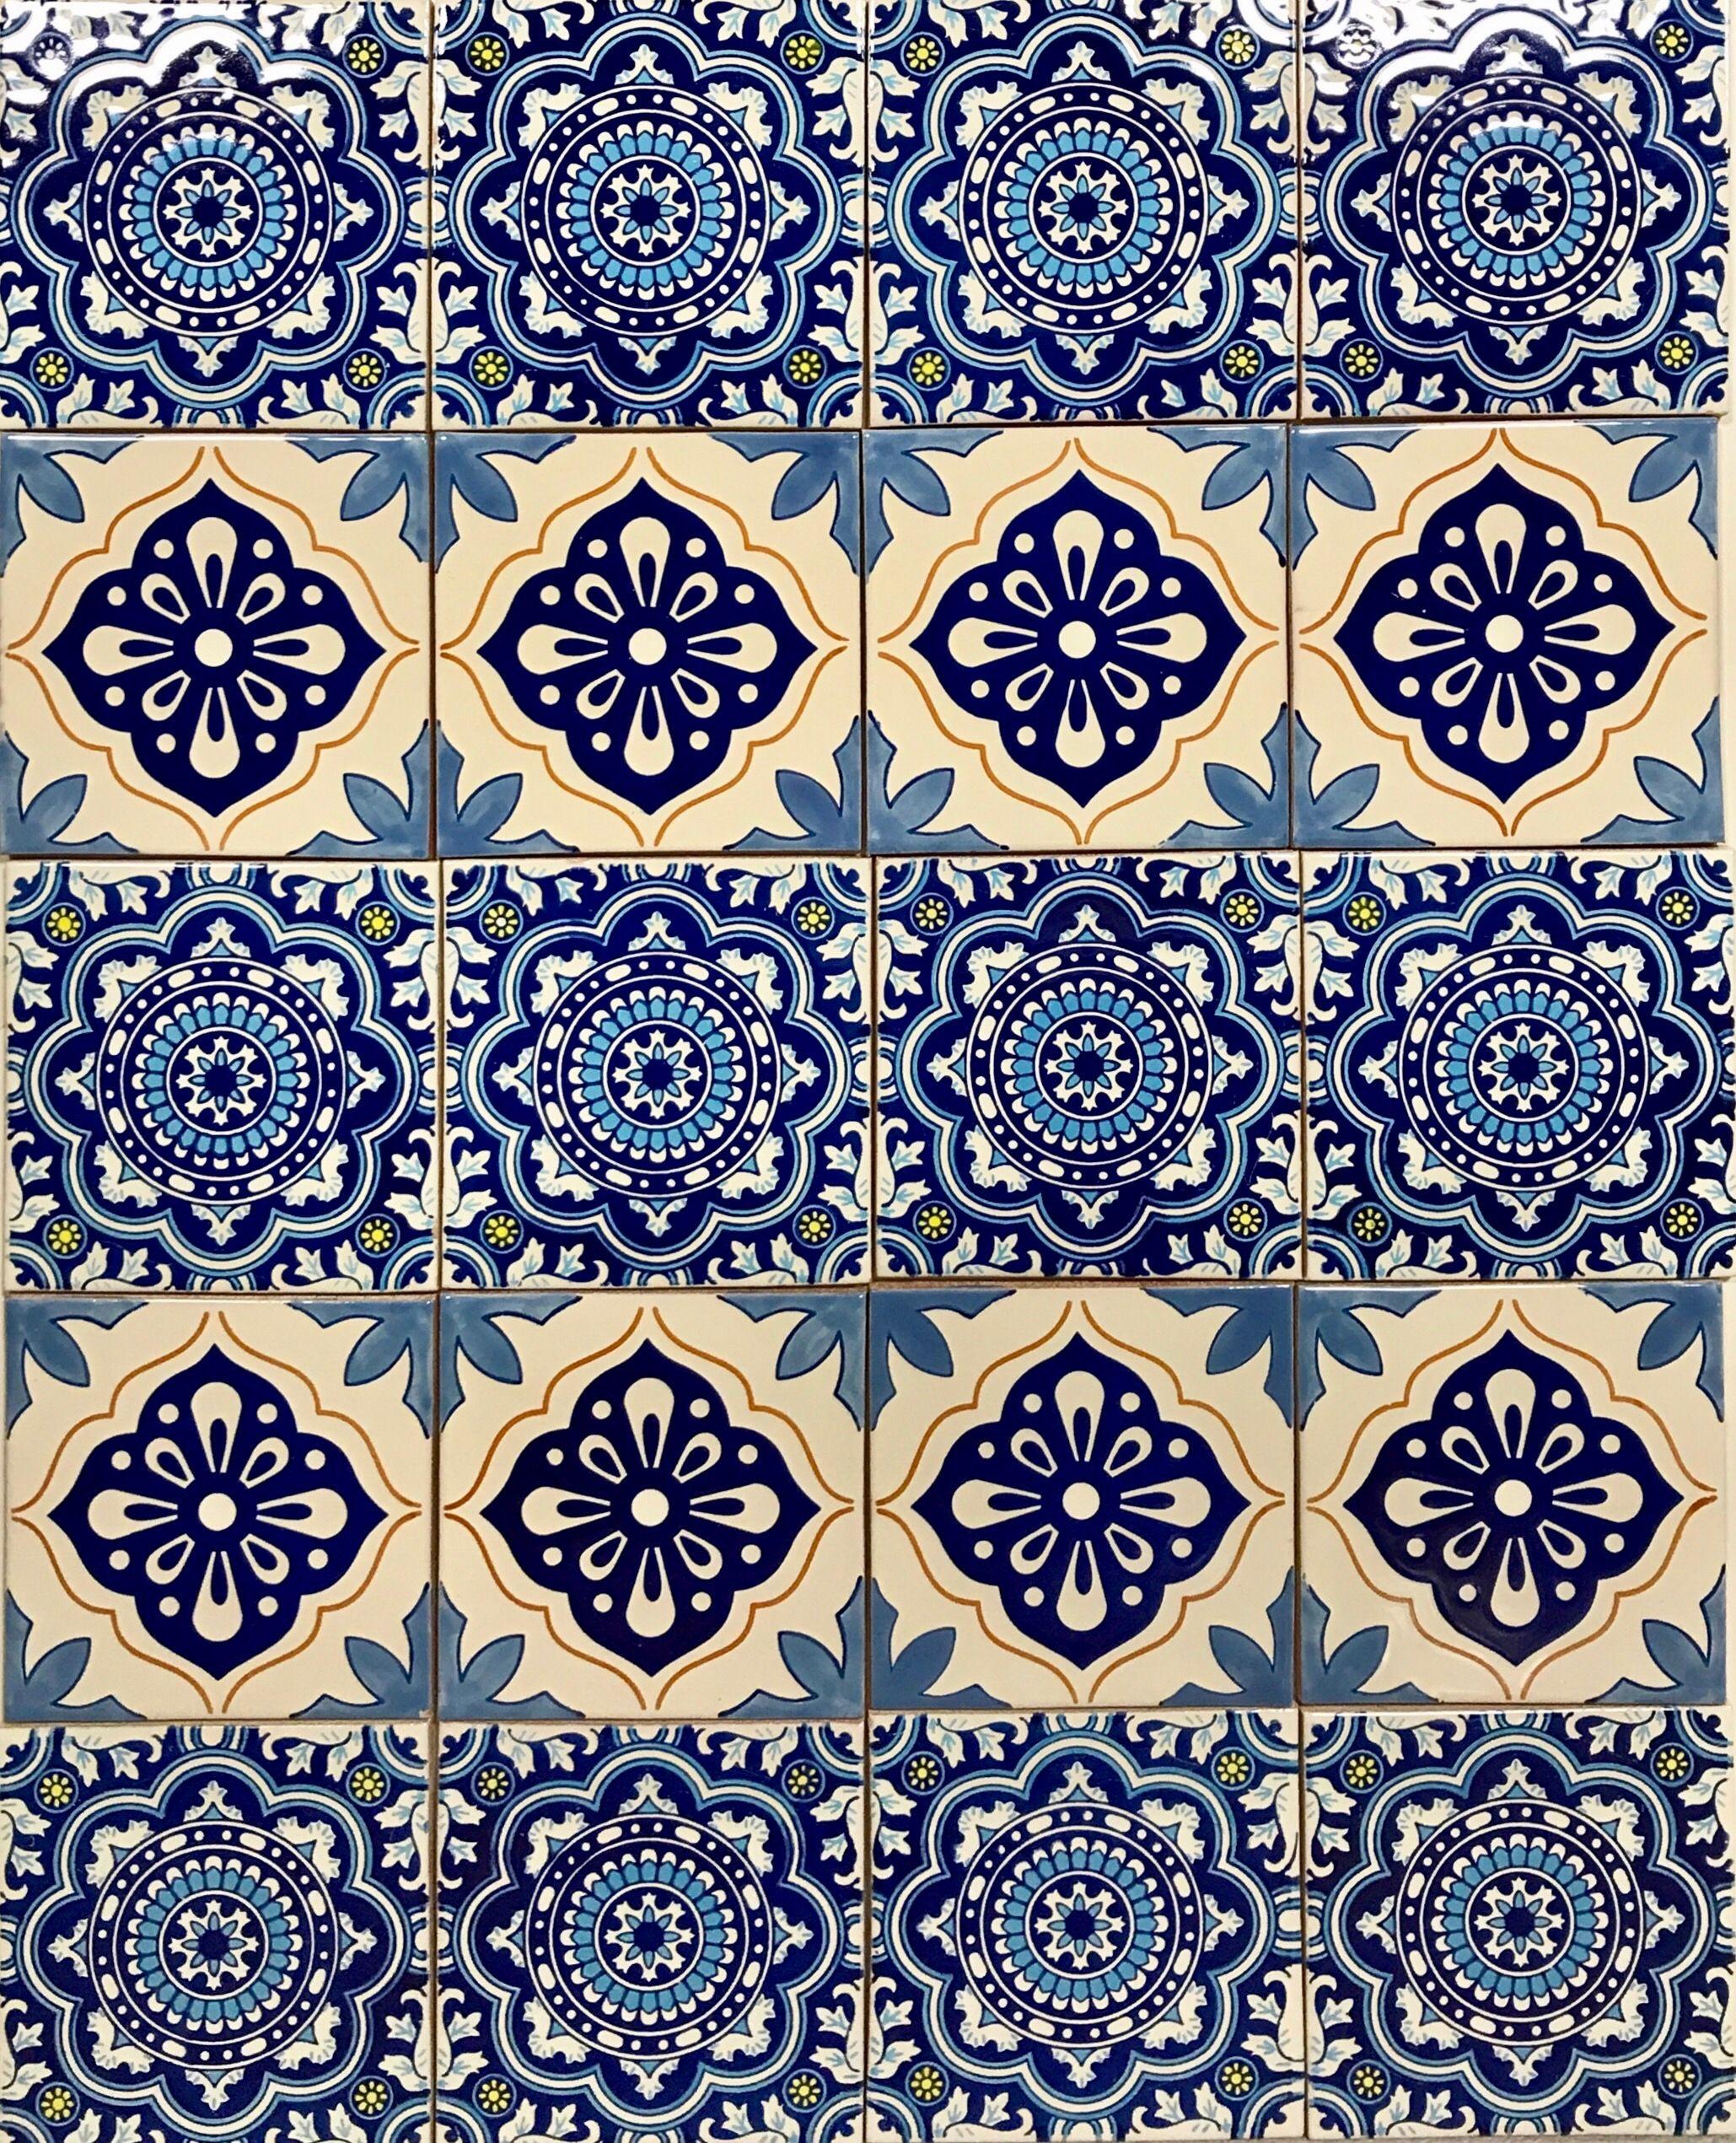 mexikanische fliesen 15x15 cm aus keramik premium handbemalt von mexambiente hochwertige. Black Bedroom Furniture Sets. Home Design Ideas